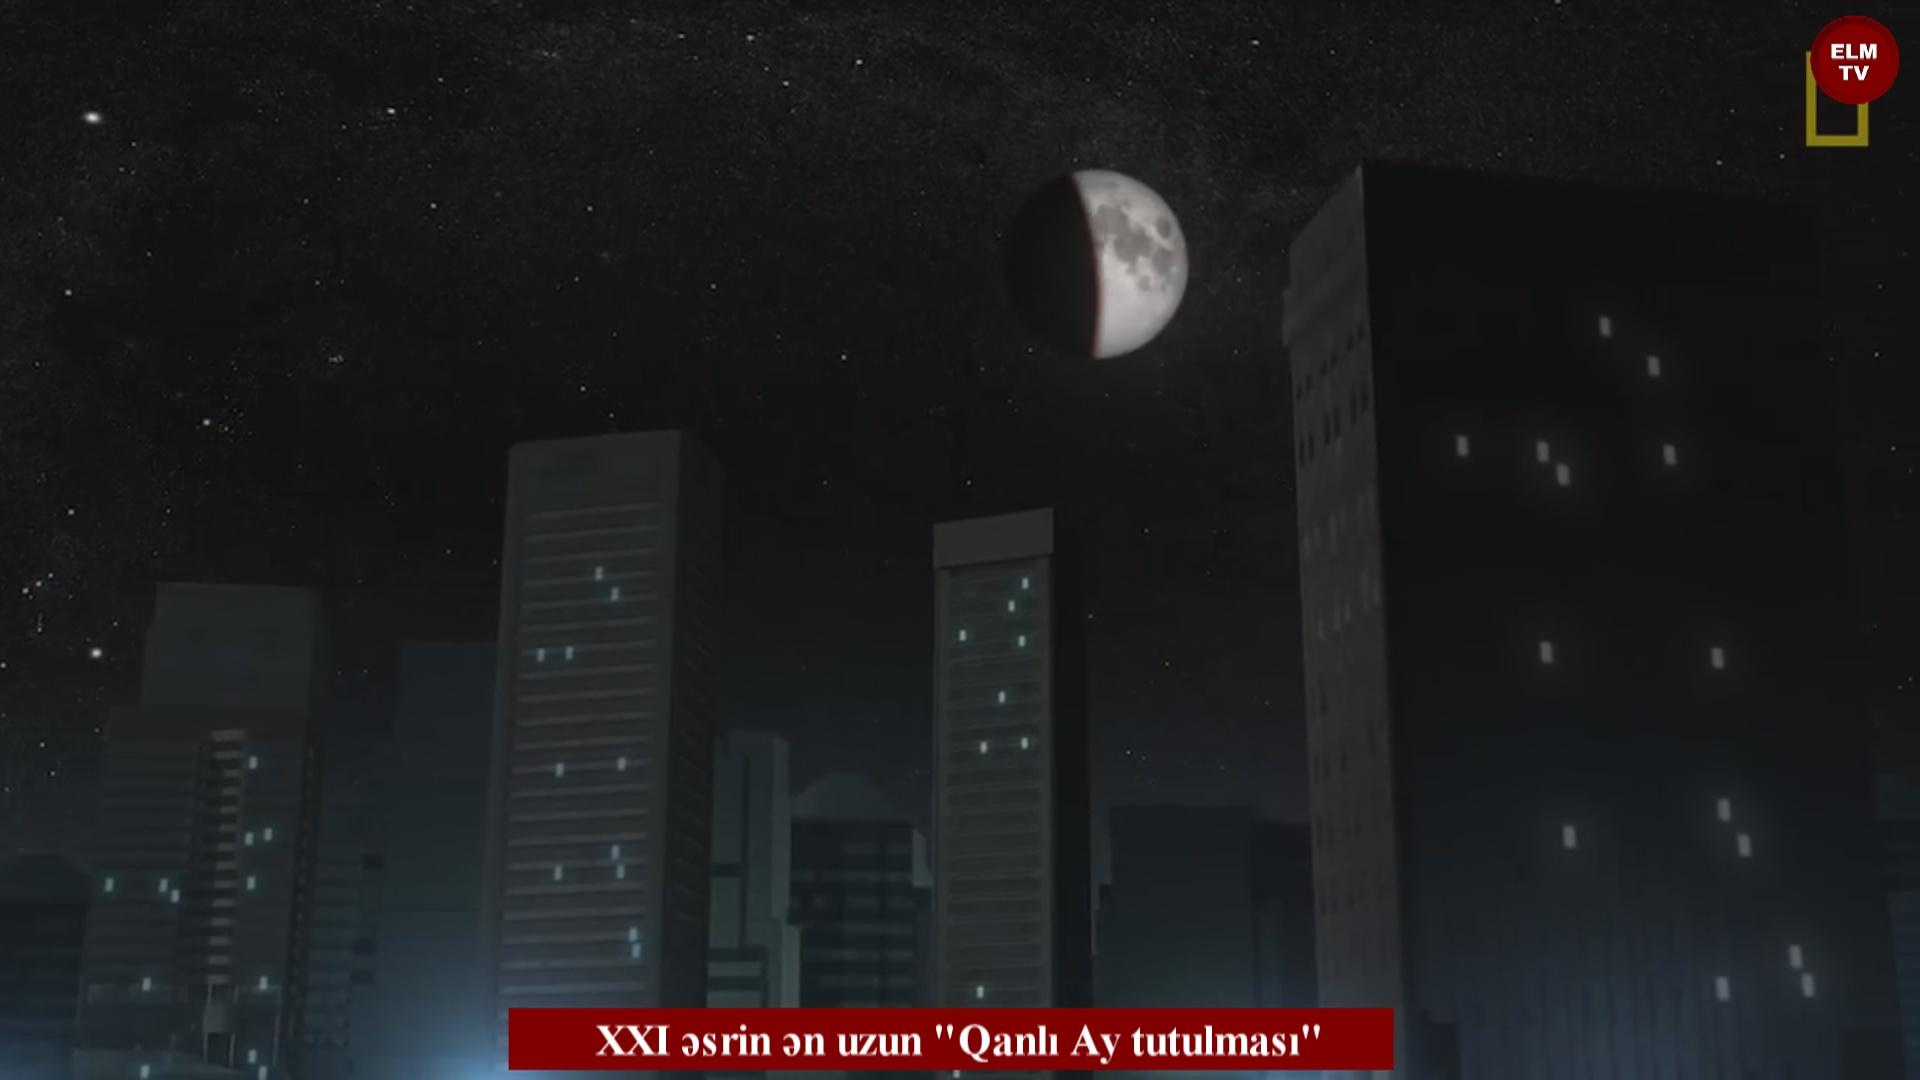 """XXI əsrin ən uzun """"Qanlı Ay tutulması"""""""